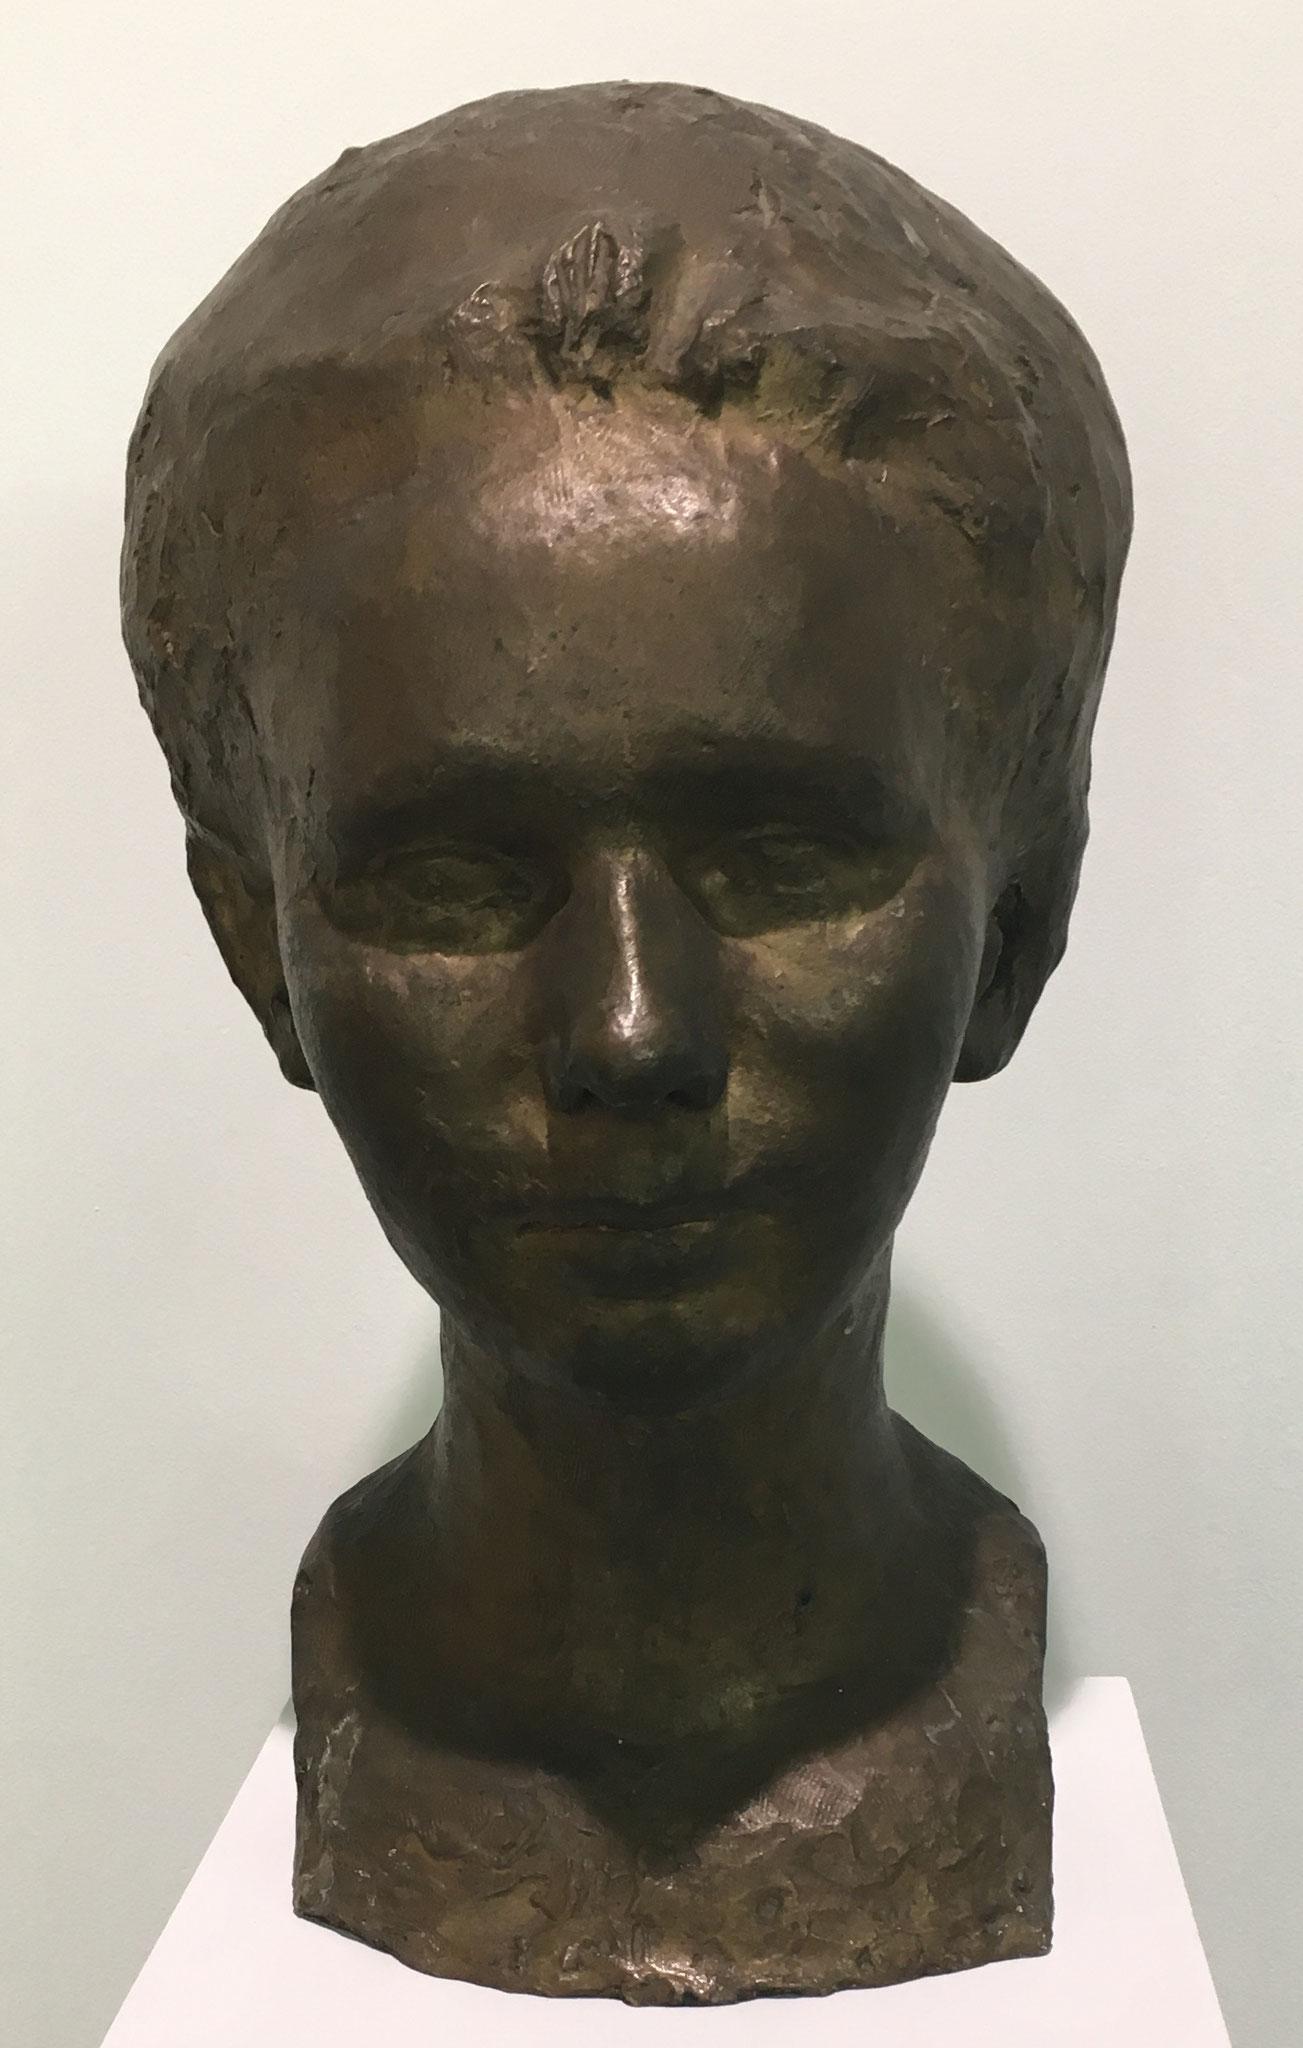 Cuno Amiet, Büste Lydia Thalmann-Amiet, 1923